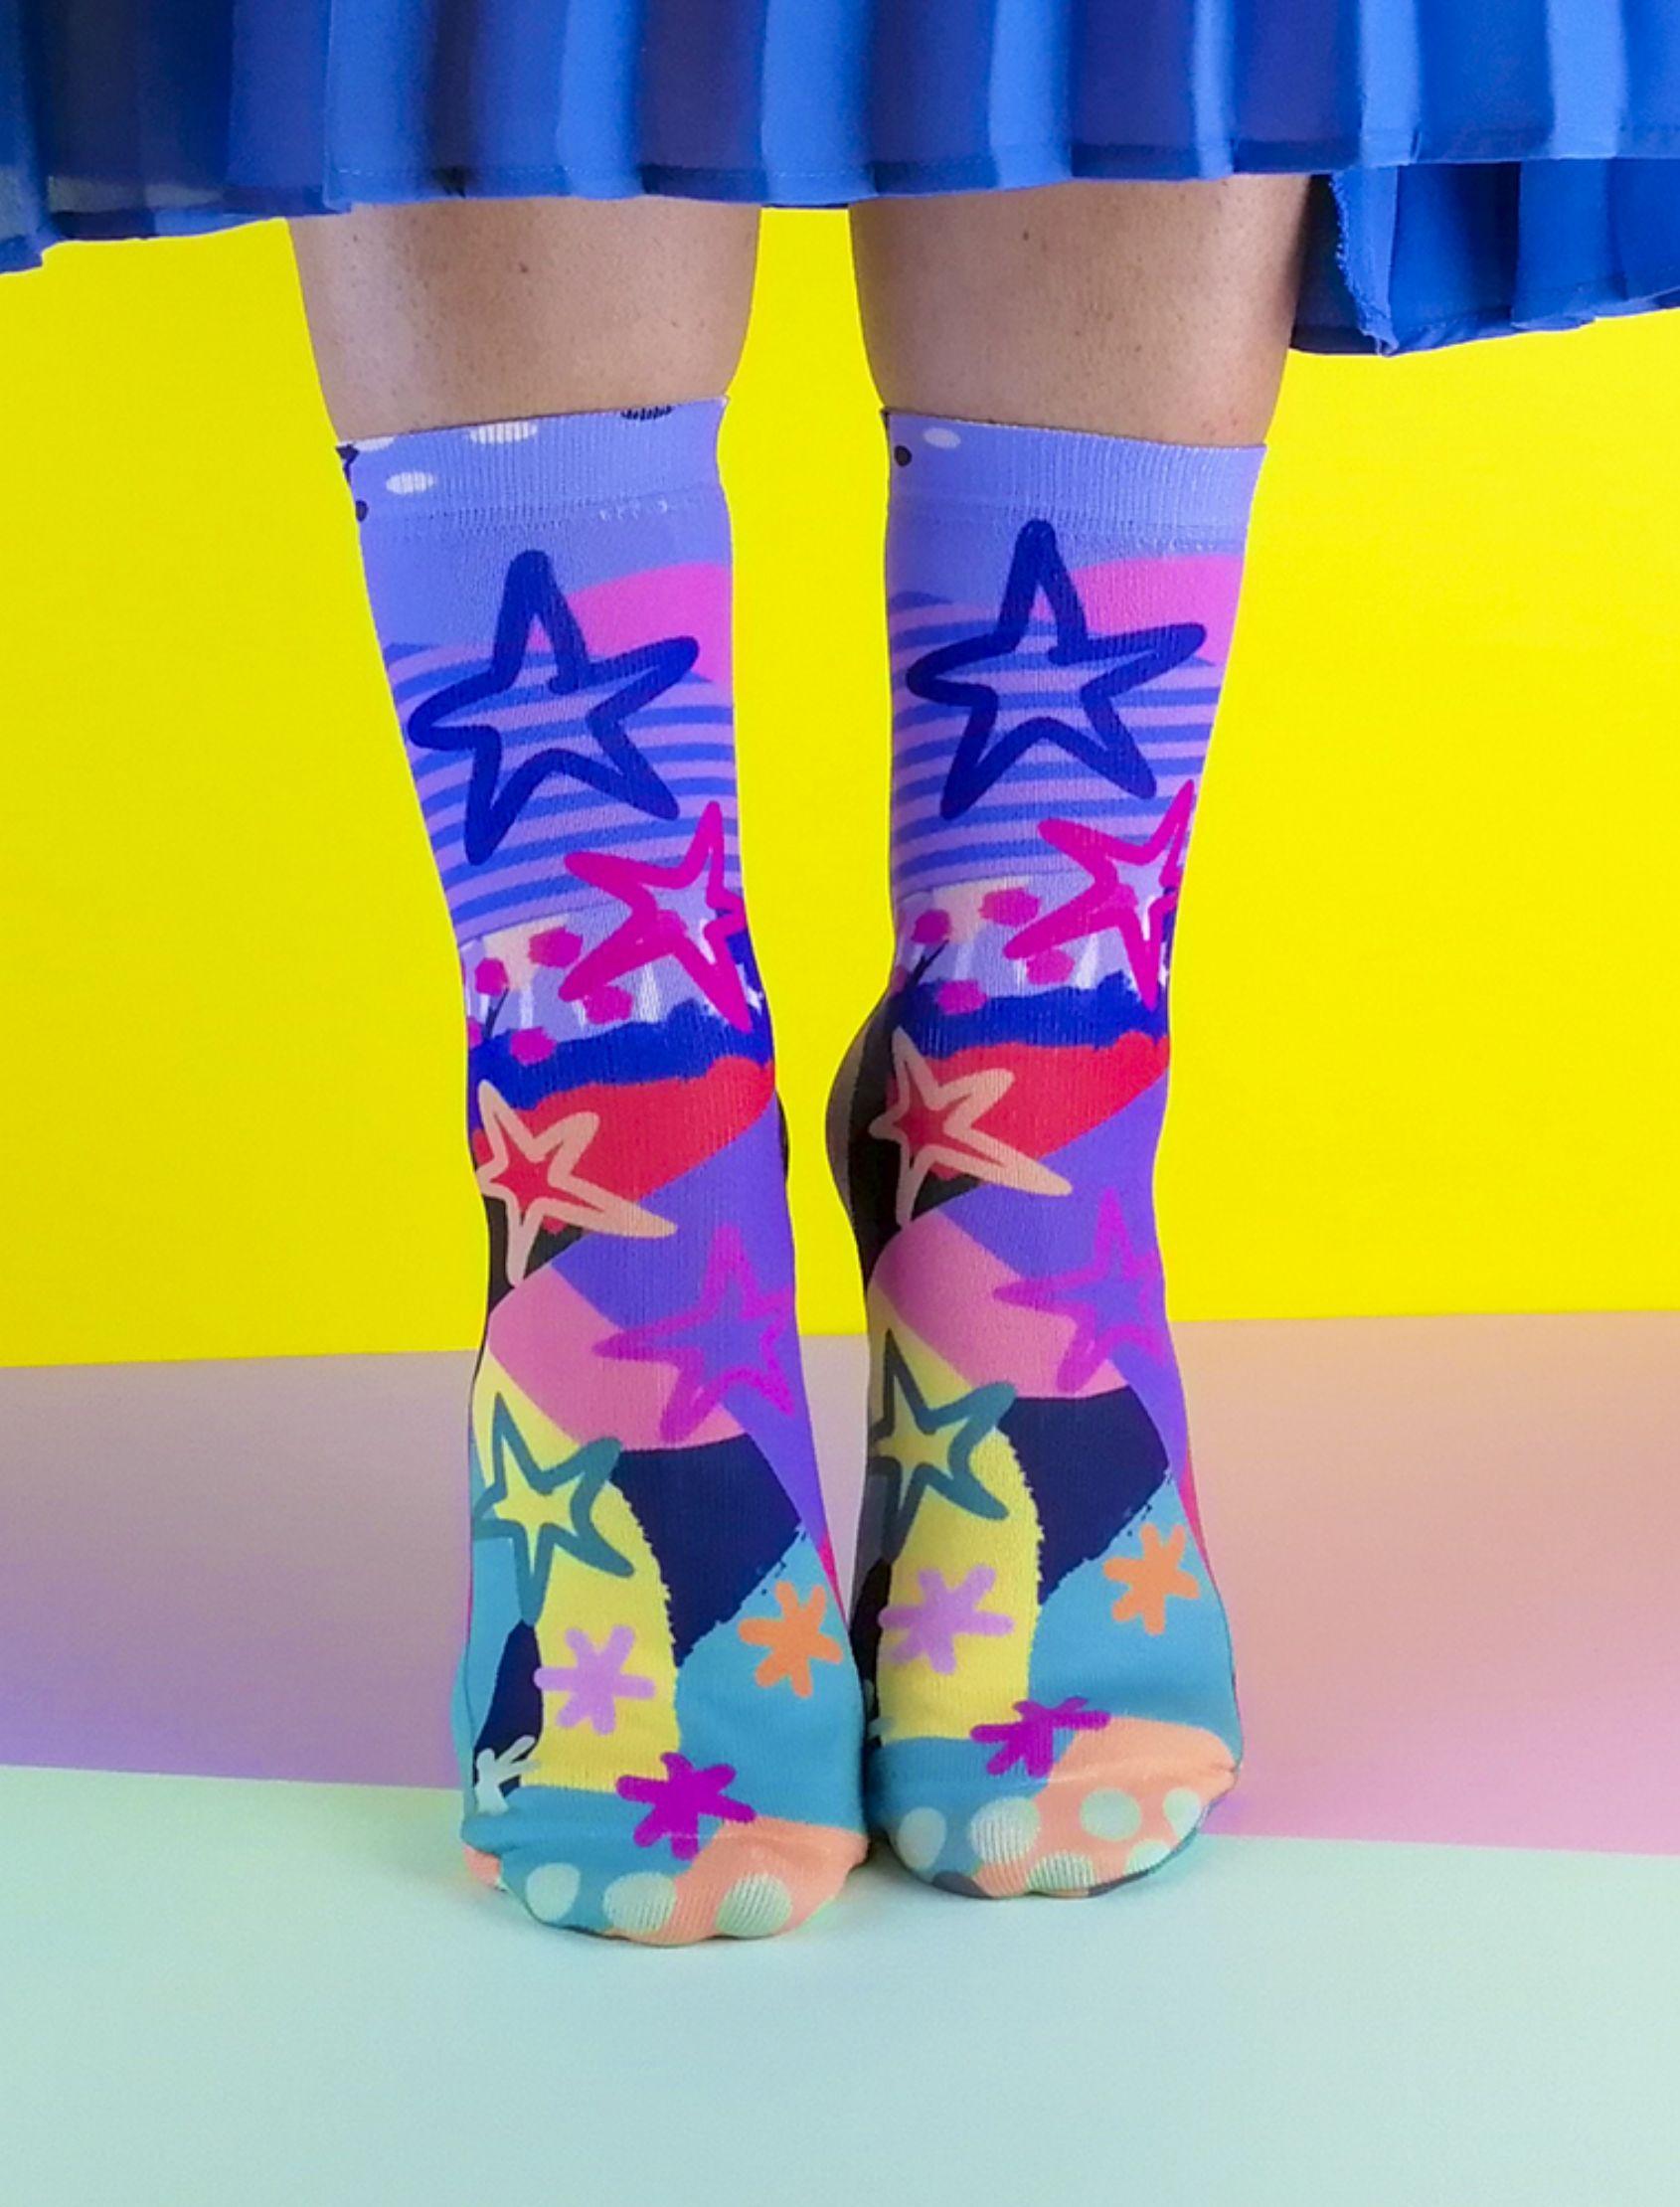 calcetines jump con estampado multicolor de estrellas